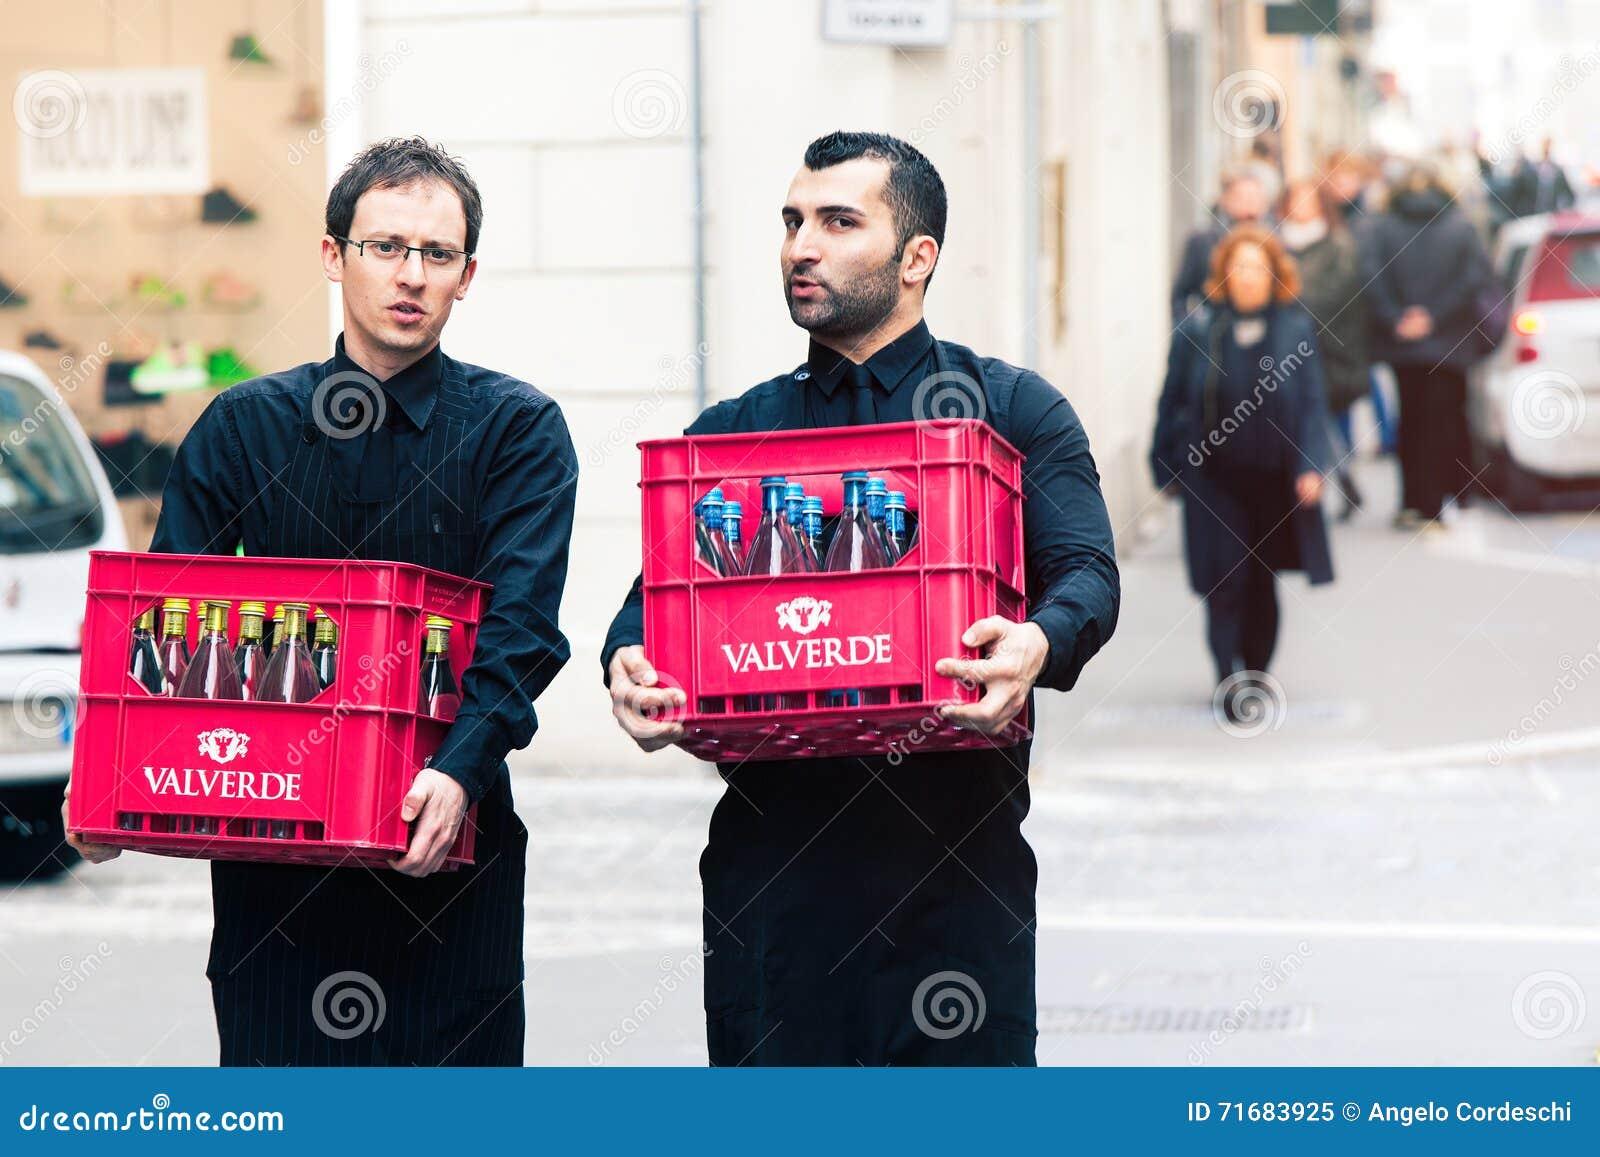 Due Camerieri Che Portano Le Casse Di Vino Nel Centro Storico Di ...